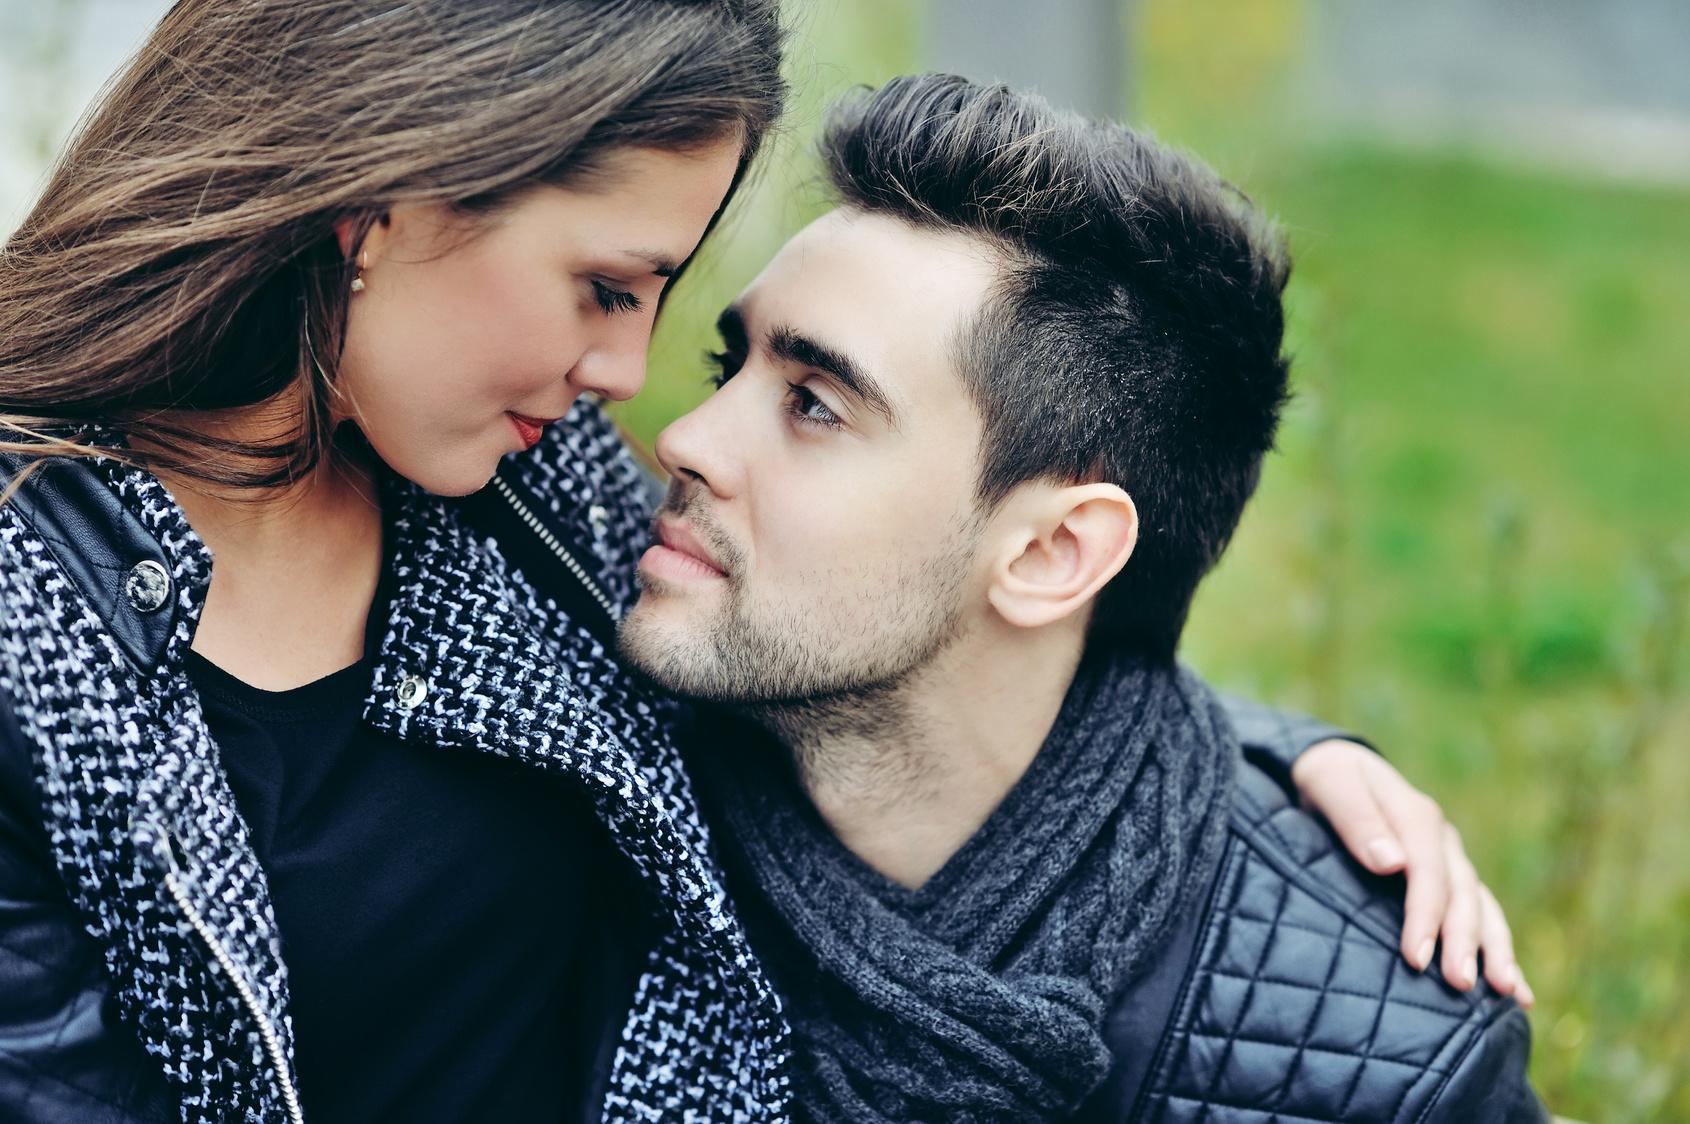 صوره صور حب بنات , اجمل الصور الرومانسية التي تحبها البنات